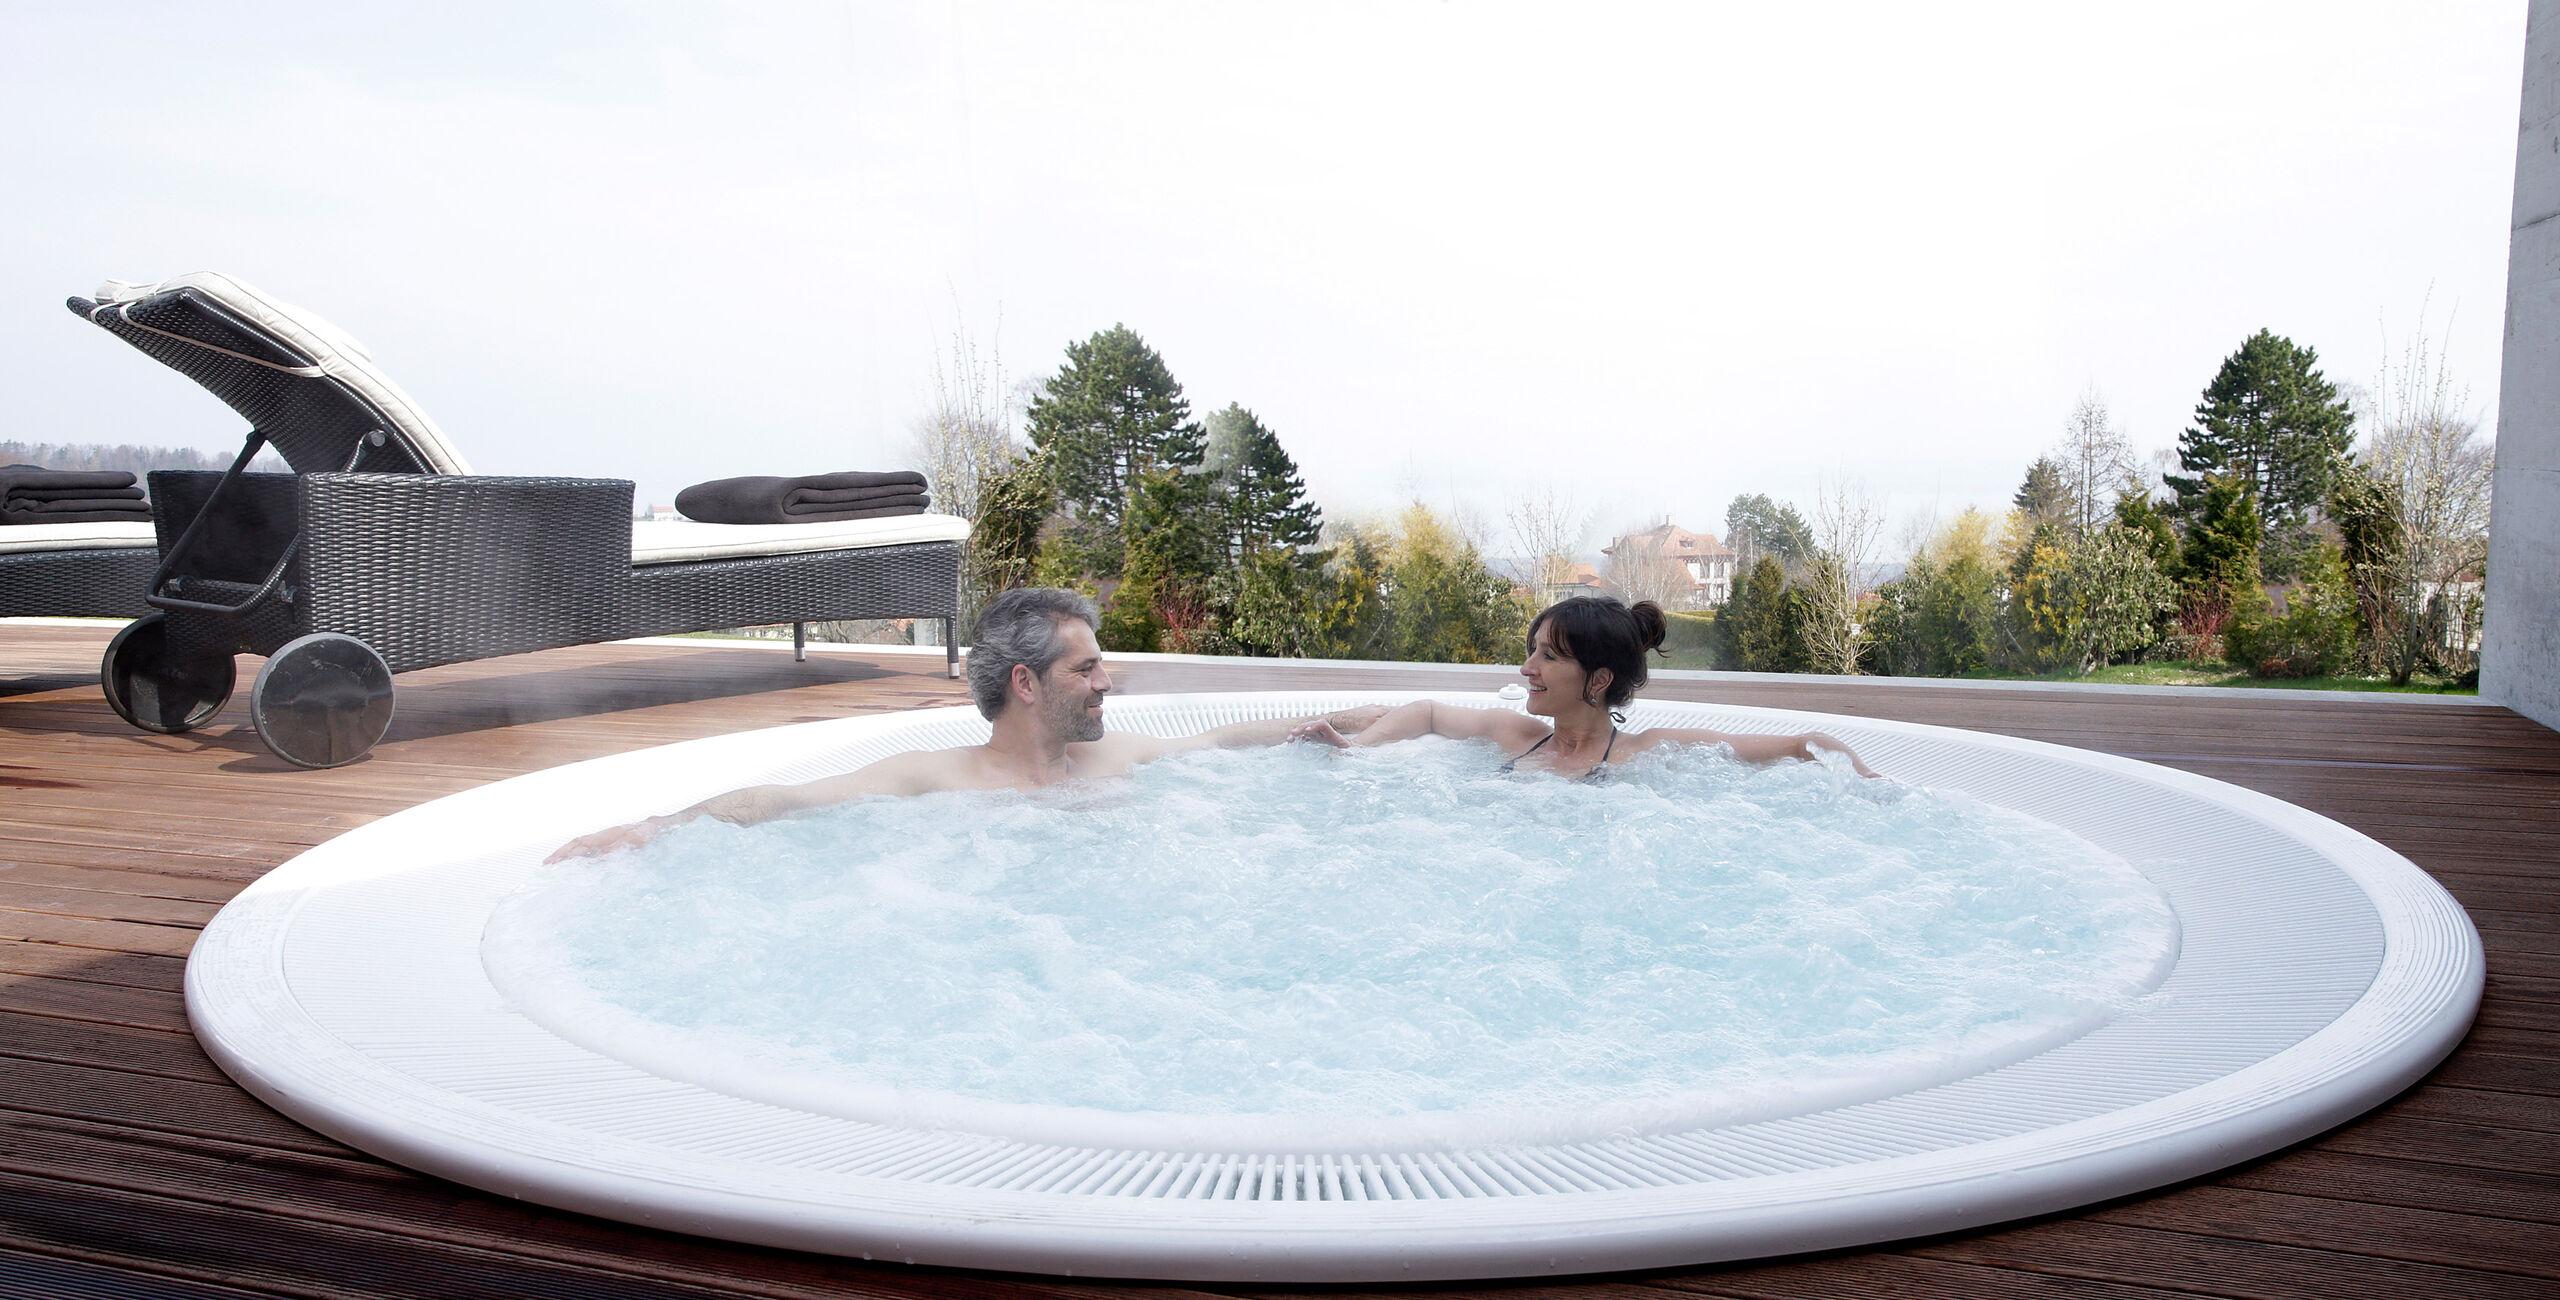 Wellnesshotel am bodensee hotel heiden for Designhotel am bodensee